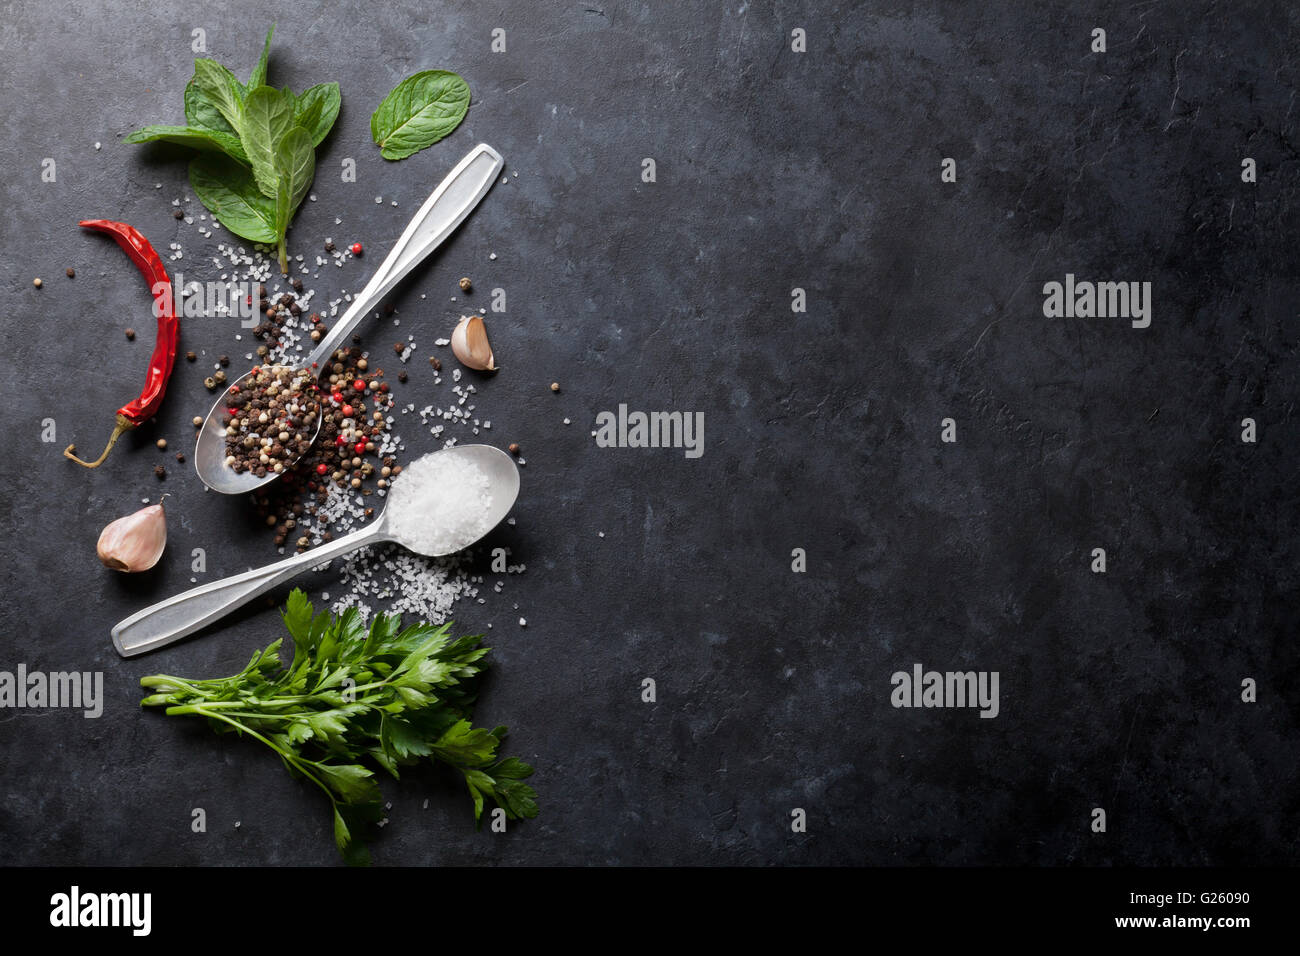 Schwarzen, weißen und roten Pfeffer und Salz Gewürze in Löffel. Minze und Petersilie Kräuter. Stockbild